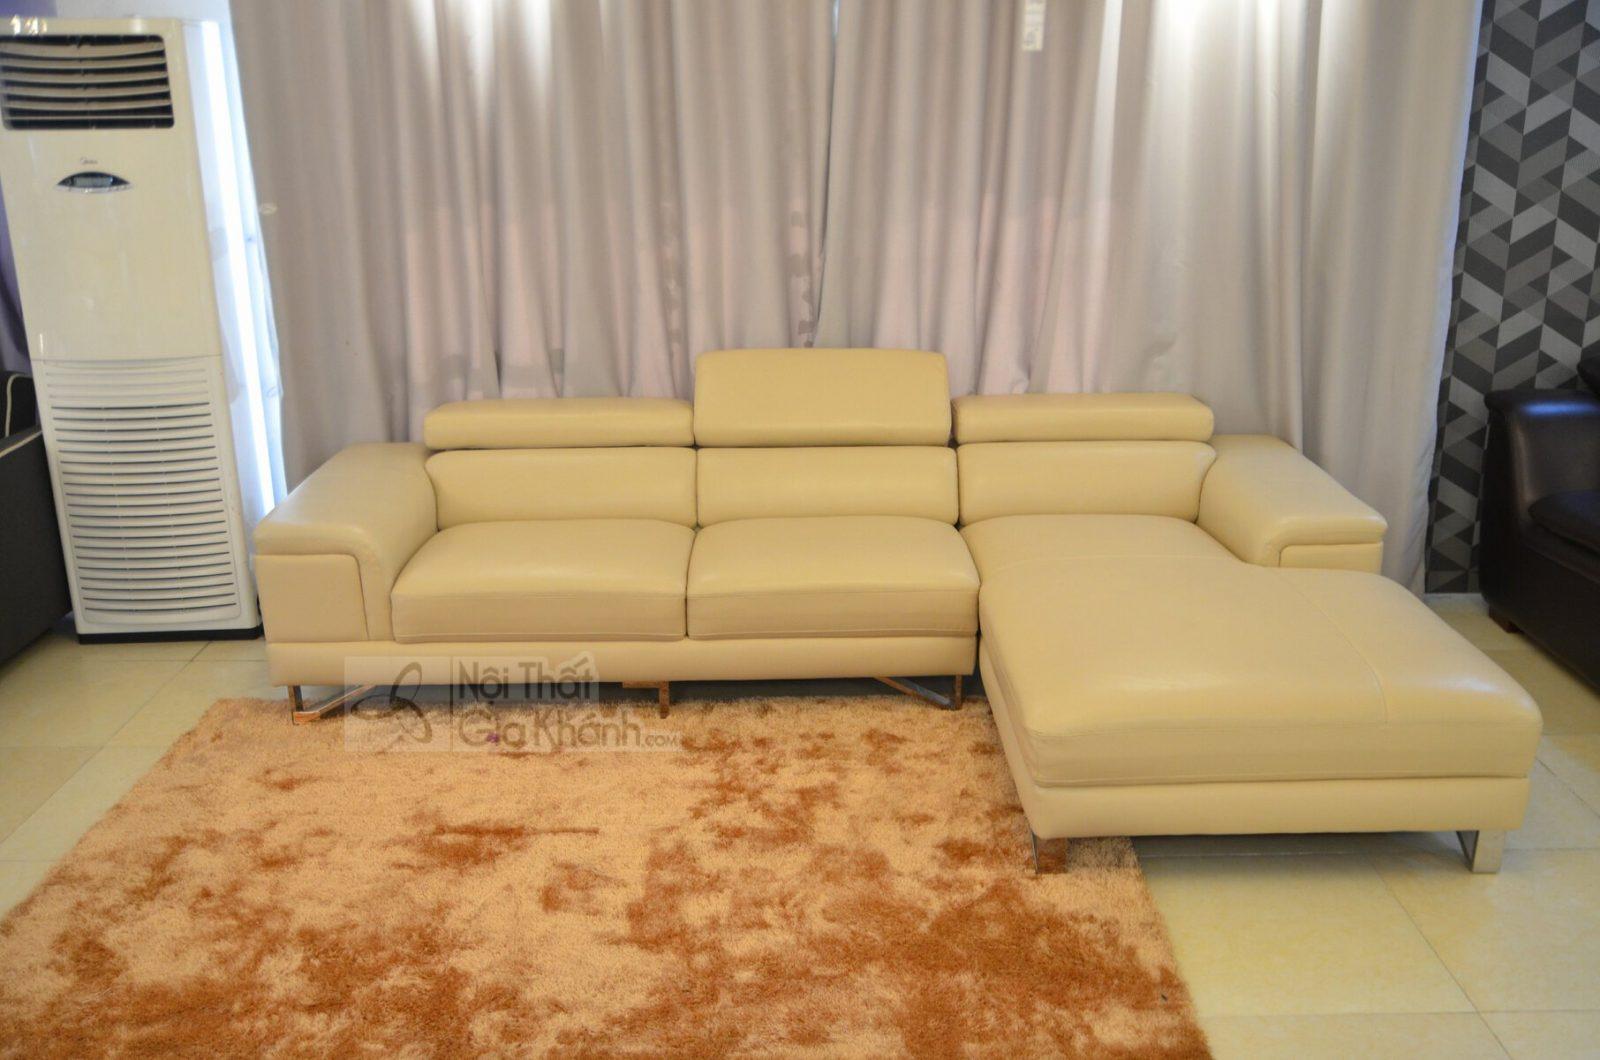 SOFA HIỆN ĐẠI GÓC TRÁI 2 BĂNG MÃ 1060SF2GT - sofa da màu vàng nhạt 1060SF 1900x1850 15